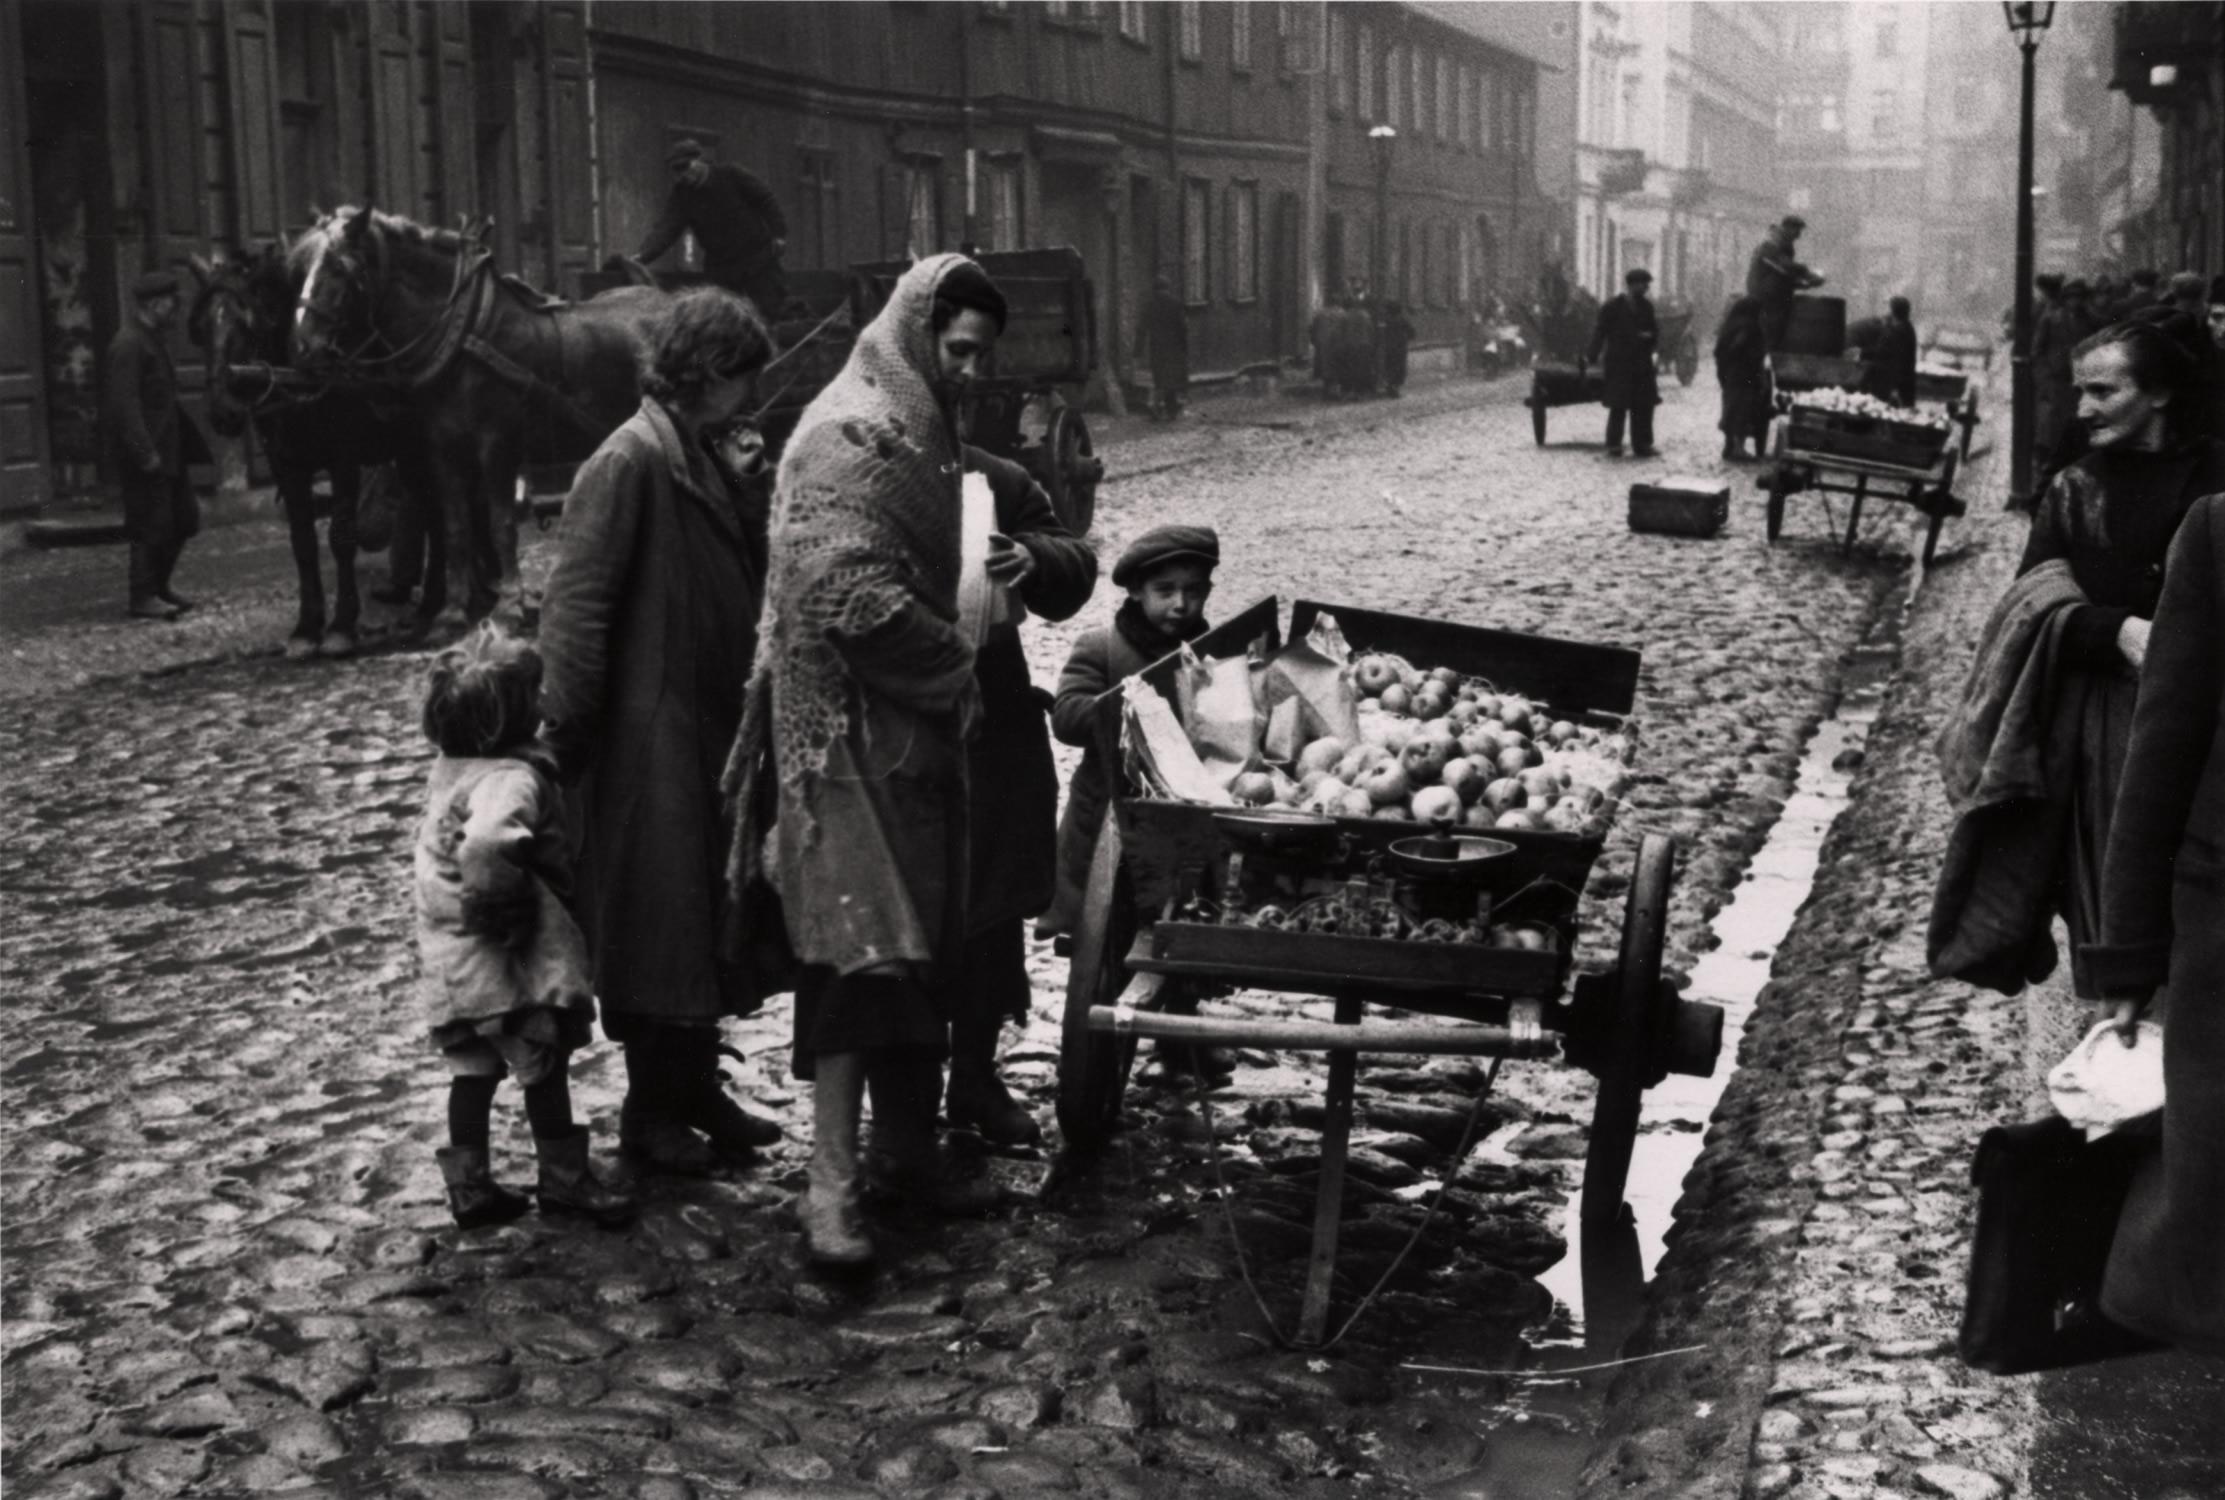 Торговец продает яблоки на одной из главных улиц в еврейском районе Варшавы